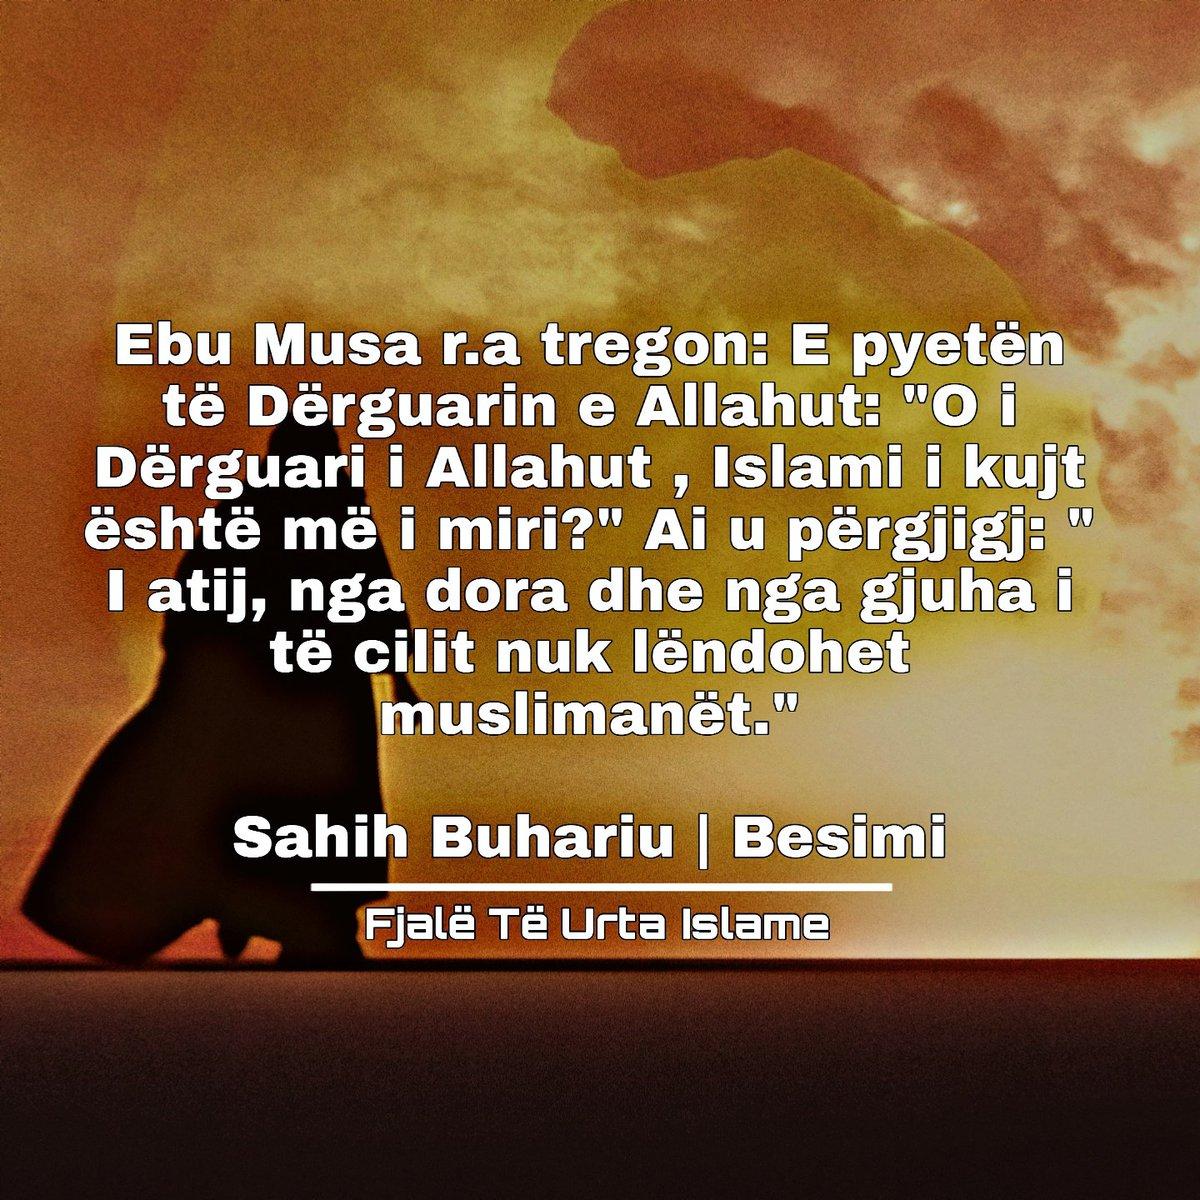 Thenie Islame